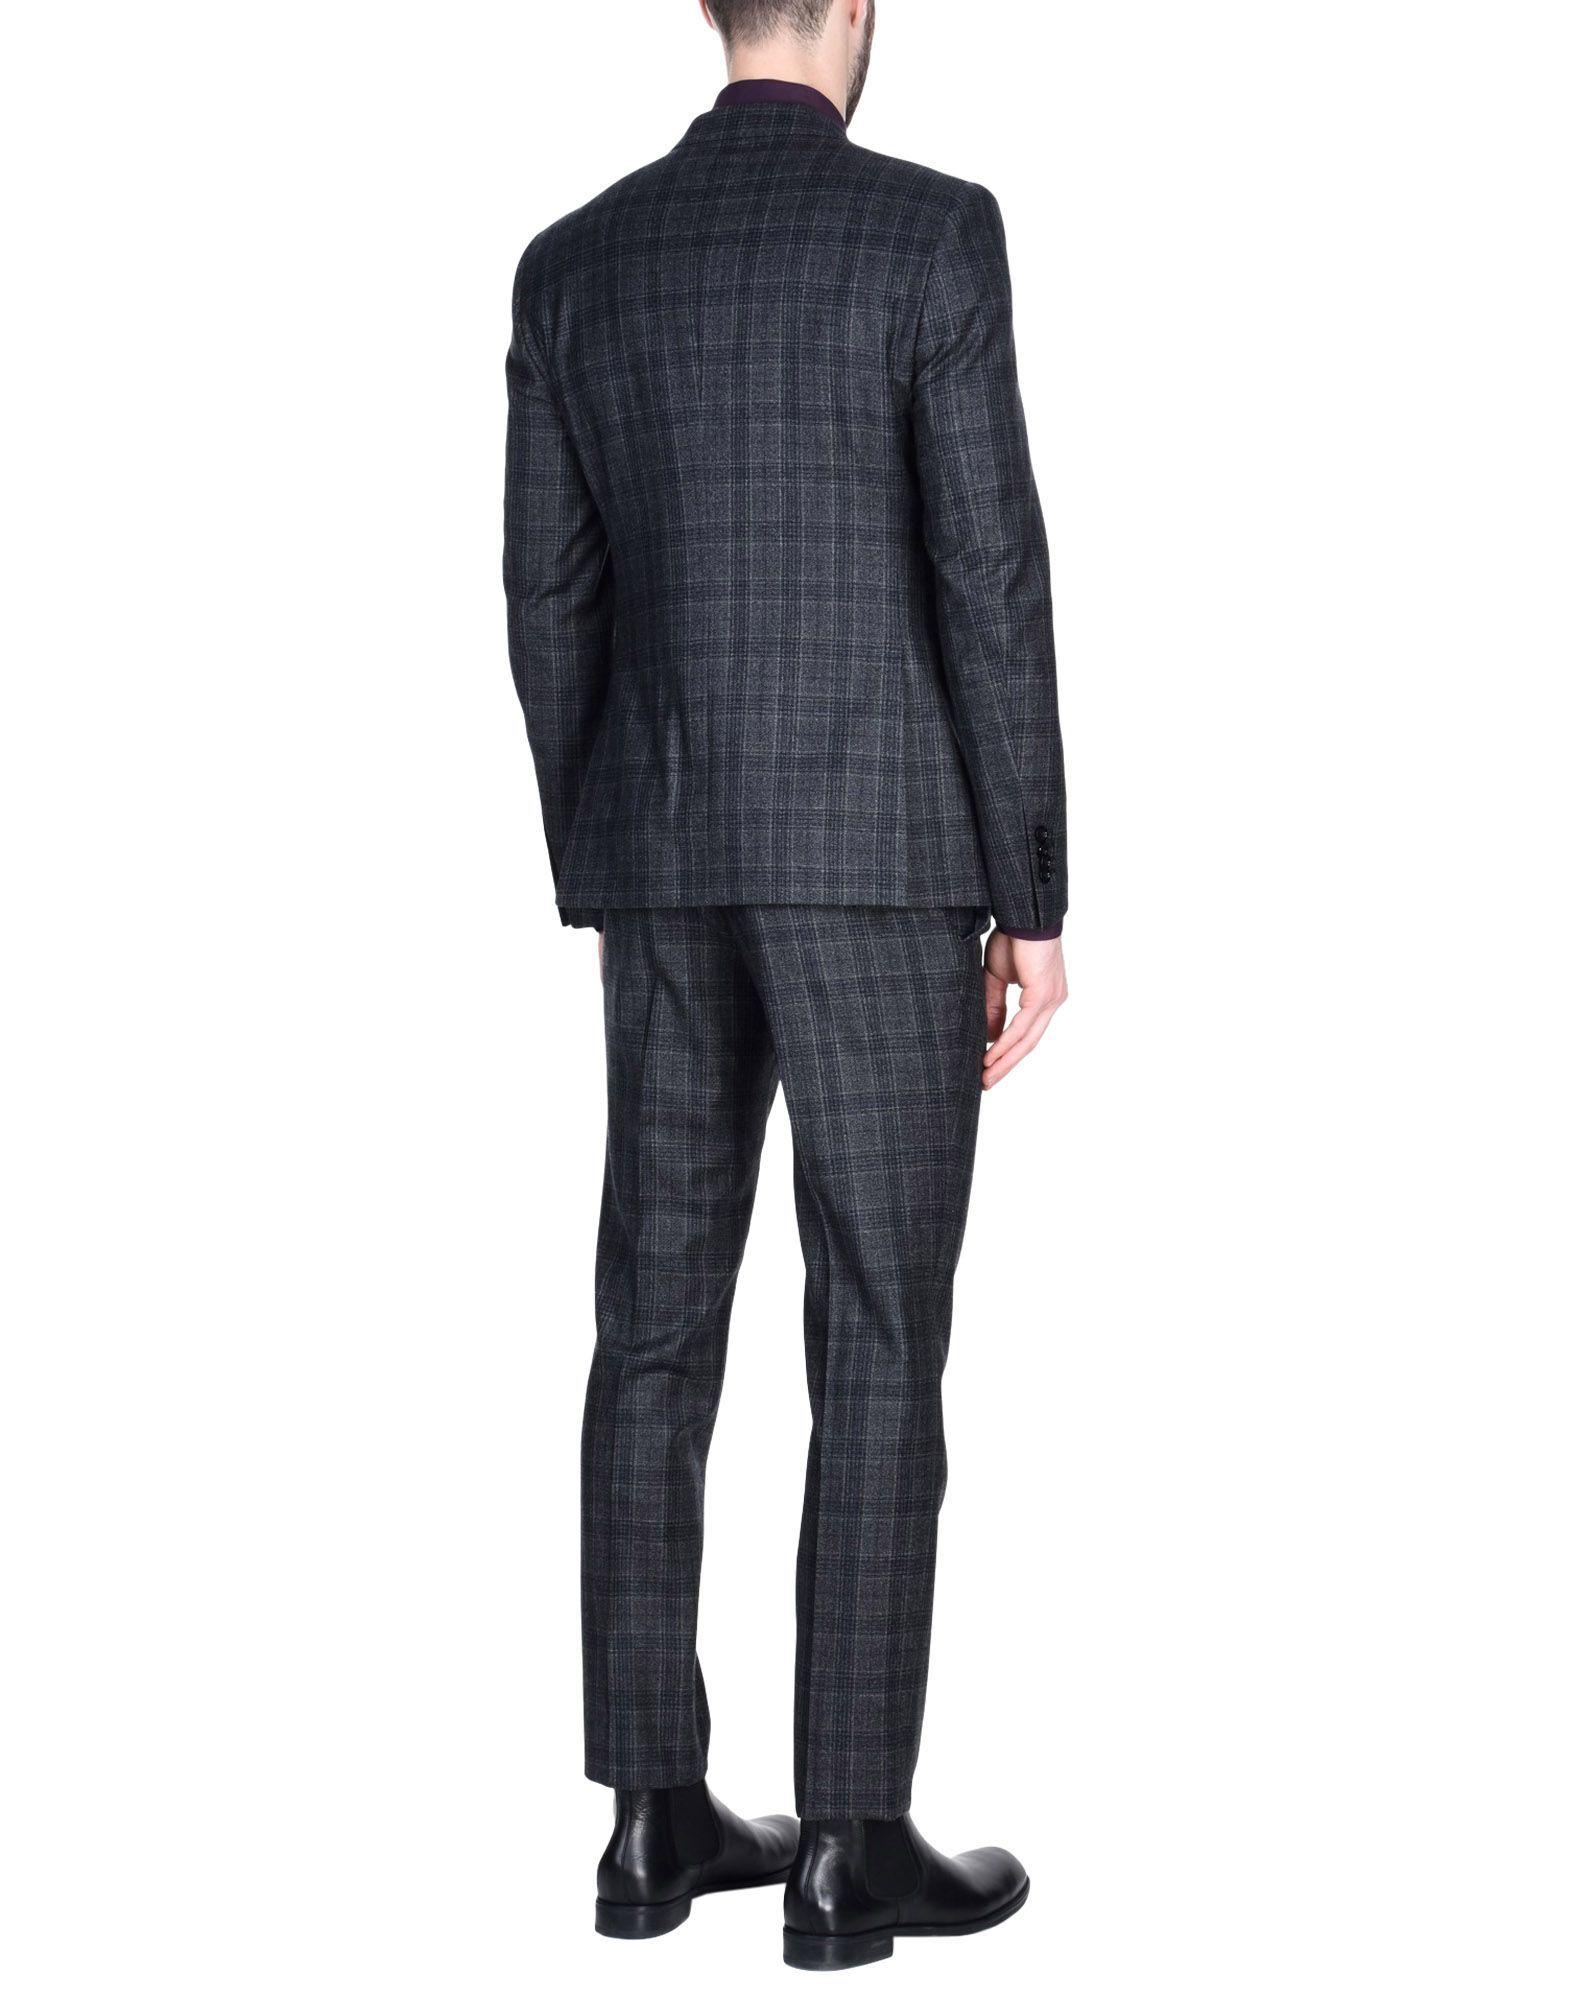 Tagliatore Steel Grey Virgin Wool Single Breasted Suit